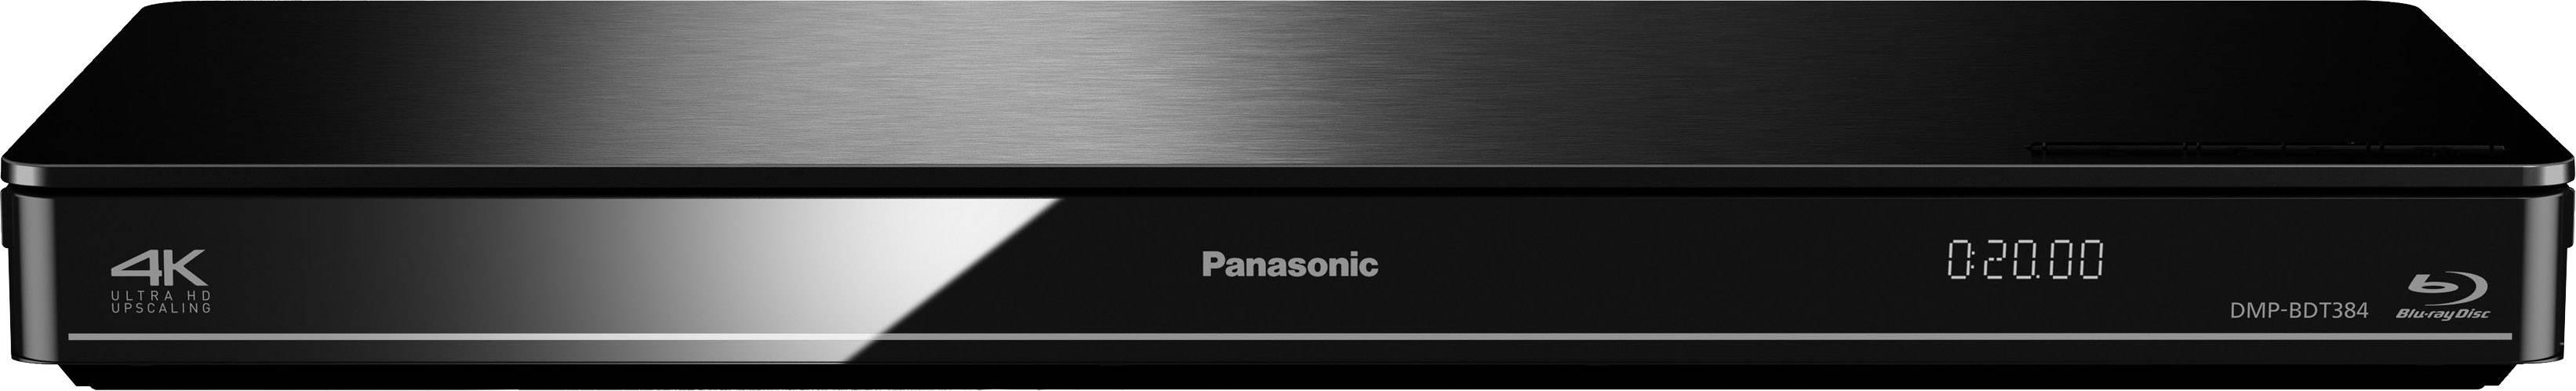 3D Blu-Ray přehrávač Panasonic DMP-BDT384, Wi-Fi, černá